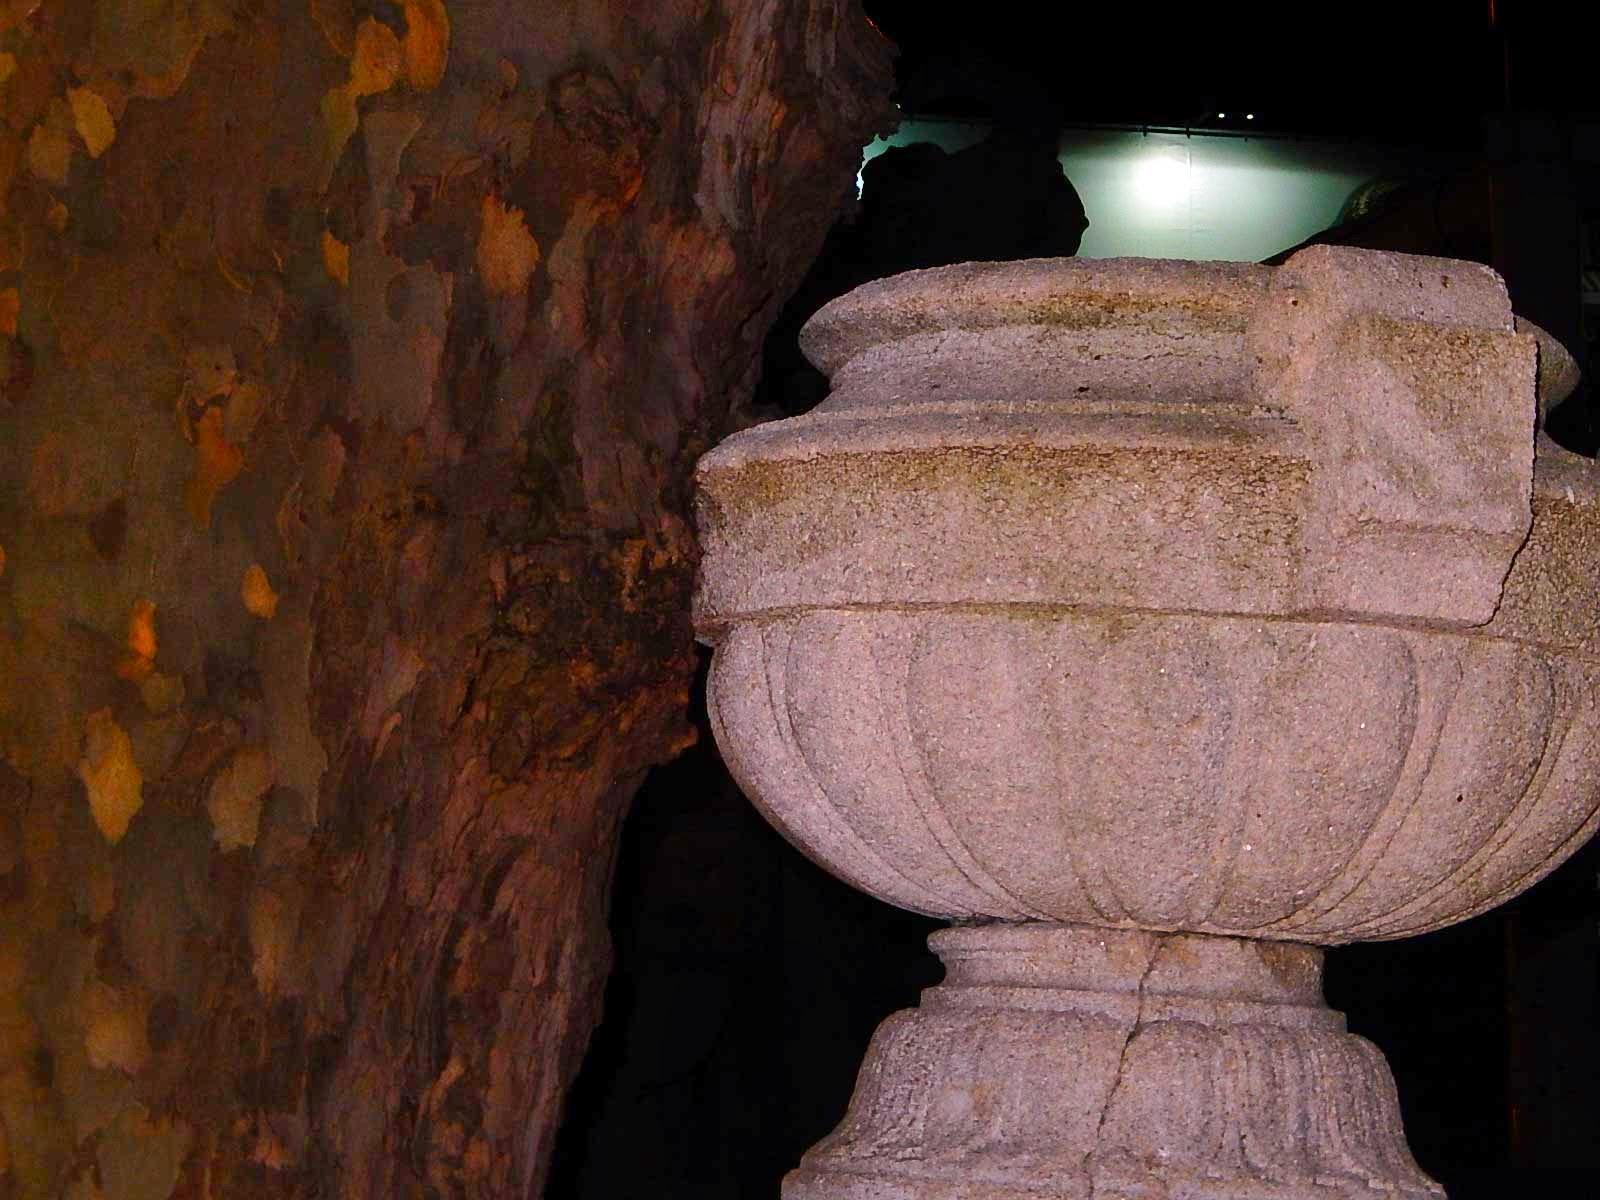 http://taximann-juergen.blogspot.de/2015/02/ko-platane-druckt-auf-tritonenbrunnen.html